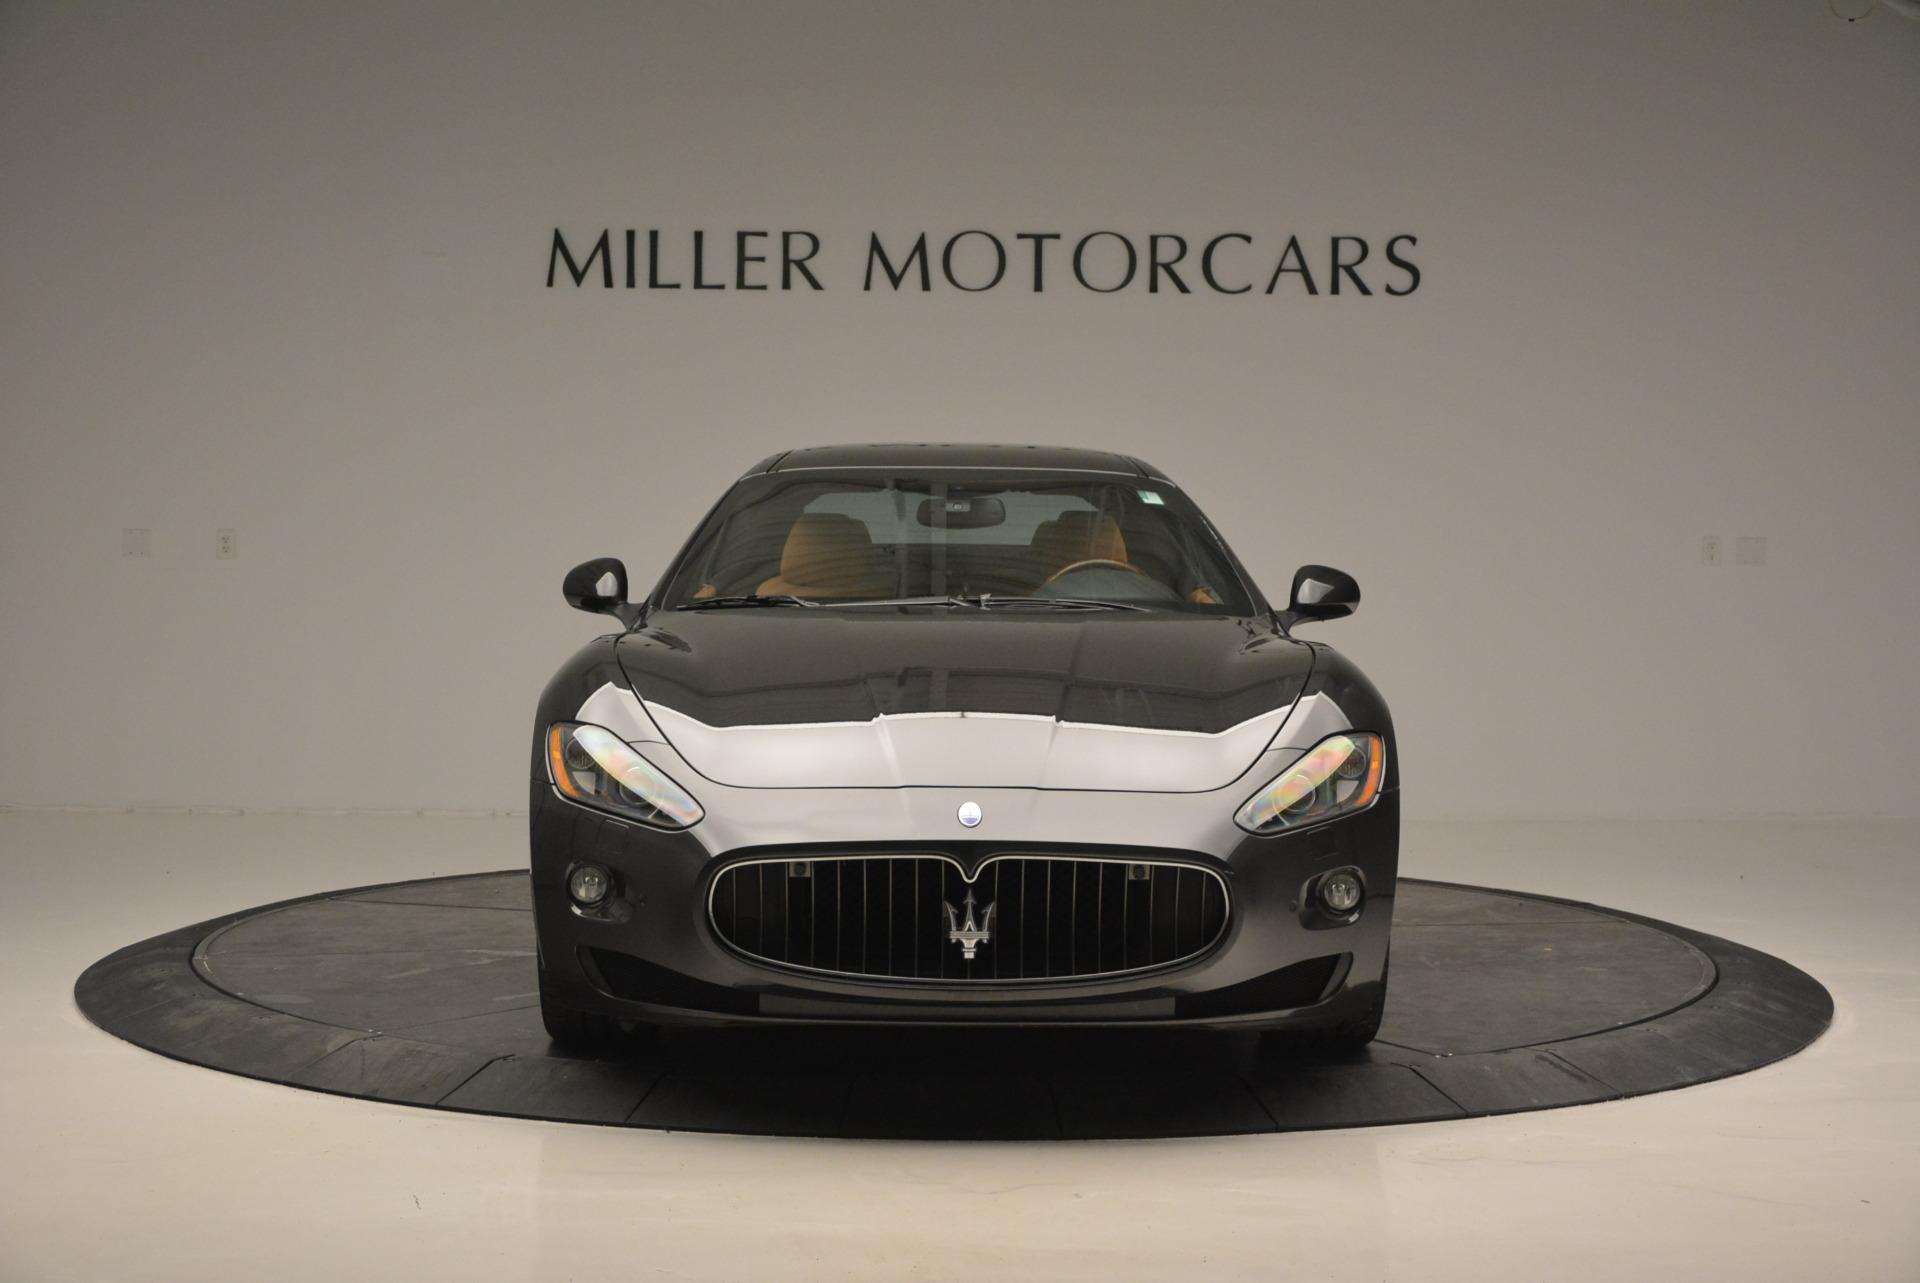 Used 2011 Maserati GranTurismo  For Sale In Greenwich, CT. Alfa Romeo of Greenwich, 7128 816_p12